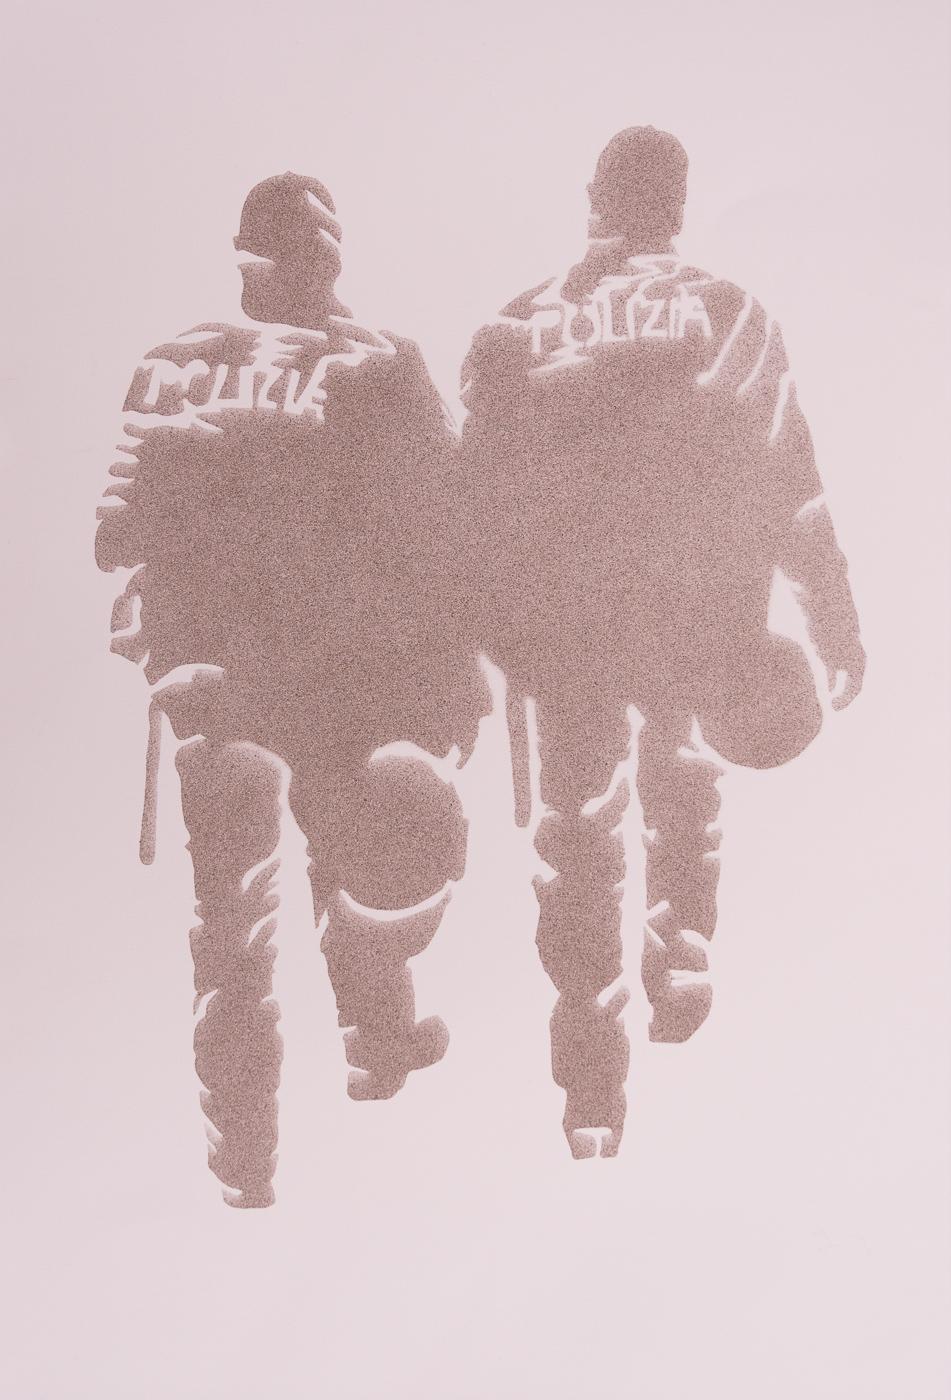 Polizia No. 6